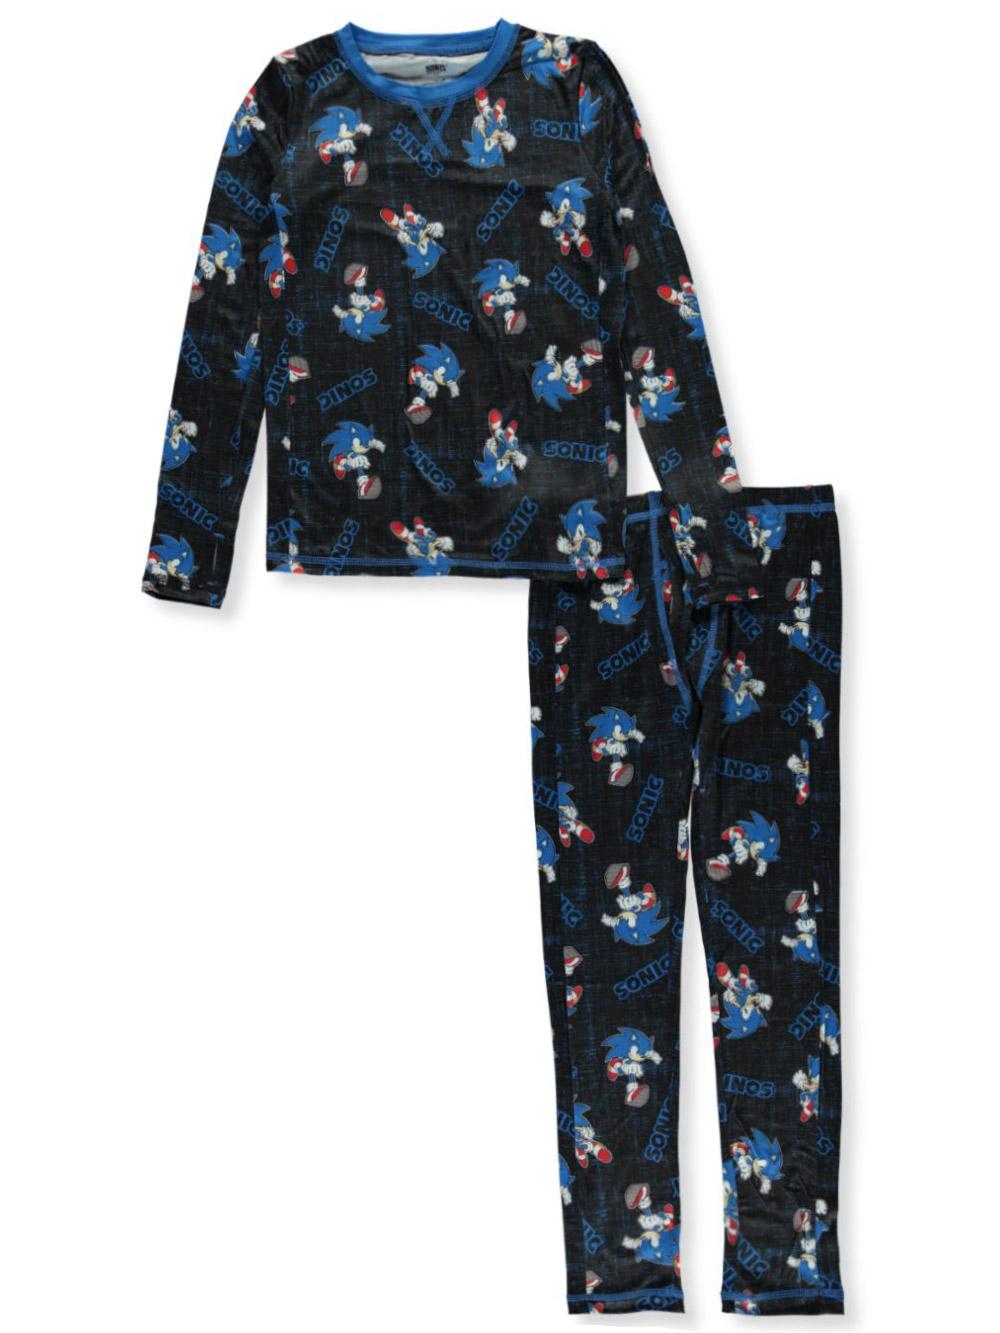 Cuddl Duds Boys Batman 2-Piece Stretch Poly Long Underwear Set